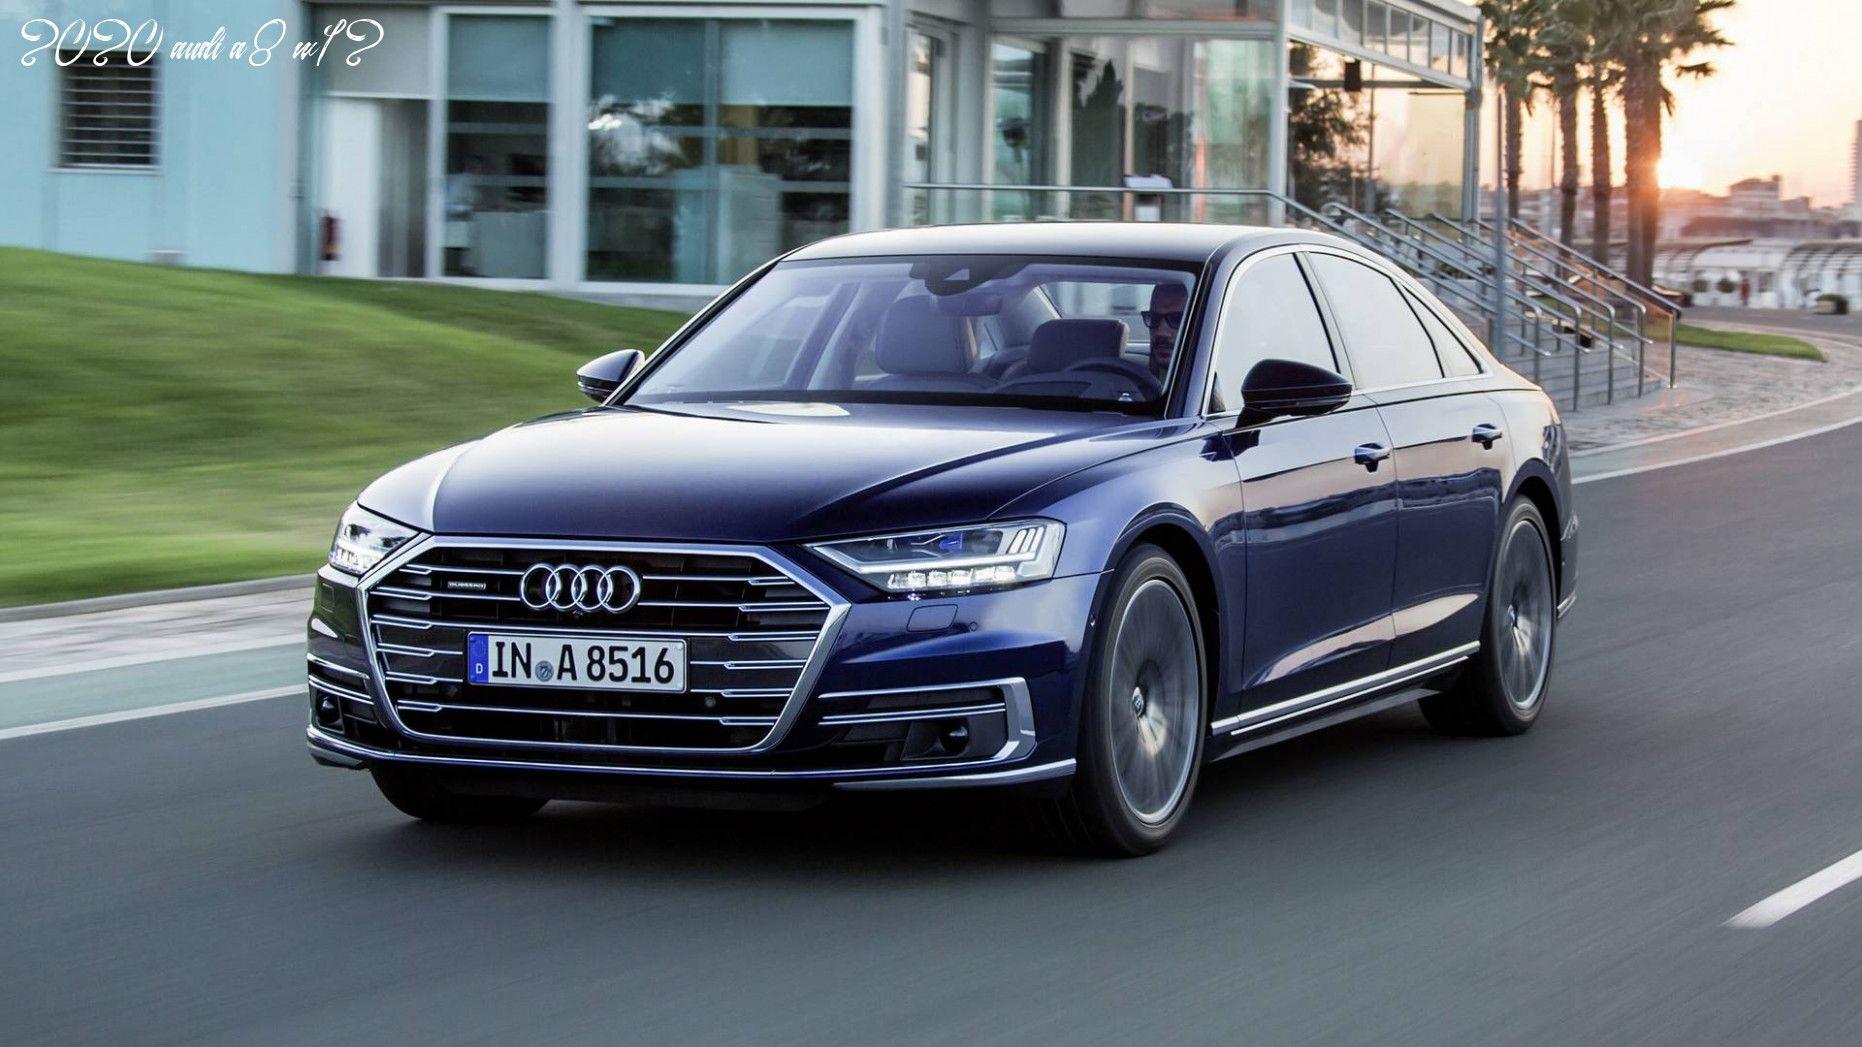 2020 Audi A8 W12 In 2020 Audi A8 Audi Audi W12